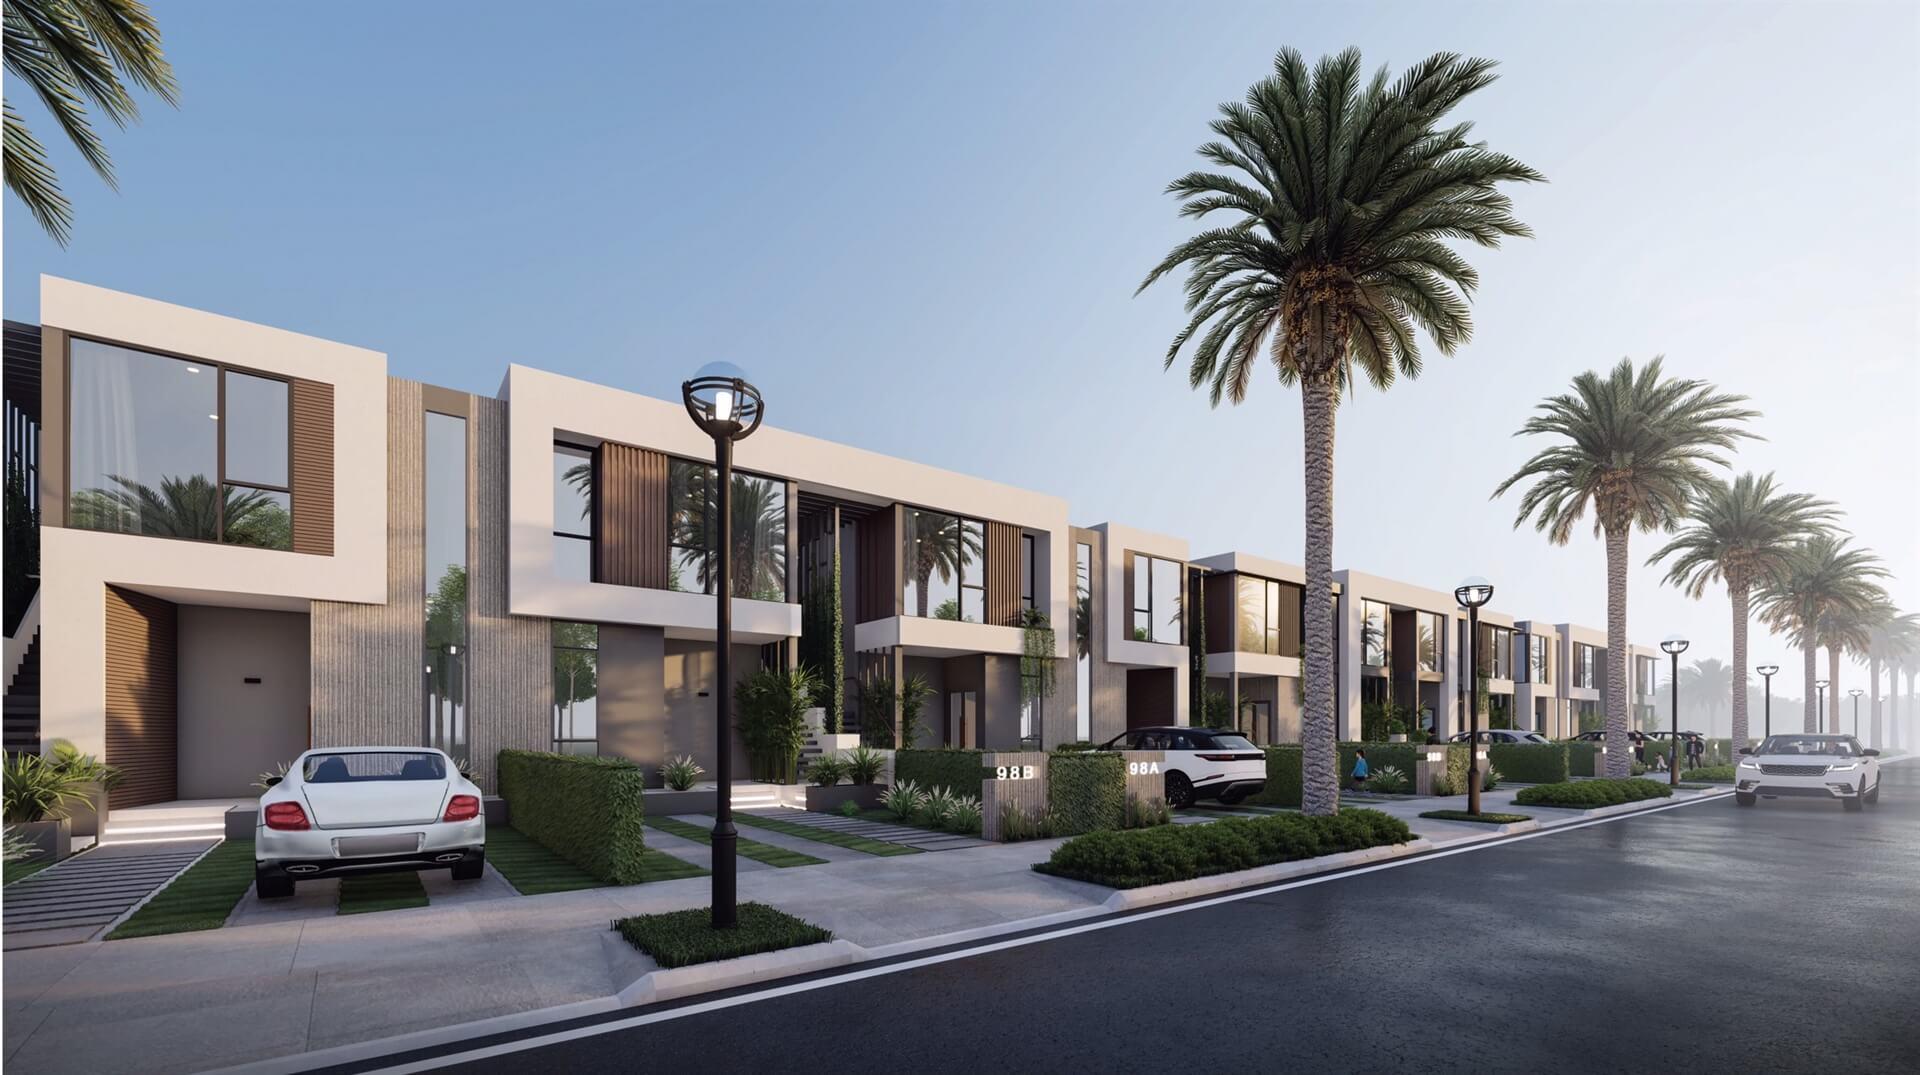 phoi-canh-3D-nha-pho-town-house-villas-golf-novaworld-phan-thiet-2020-dien-tich-7x30